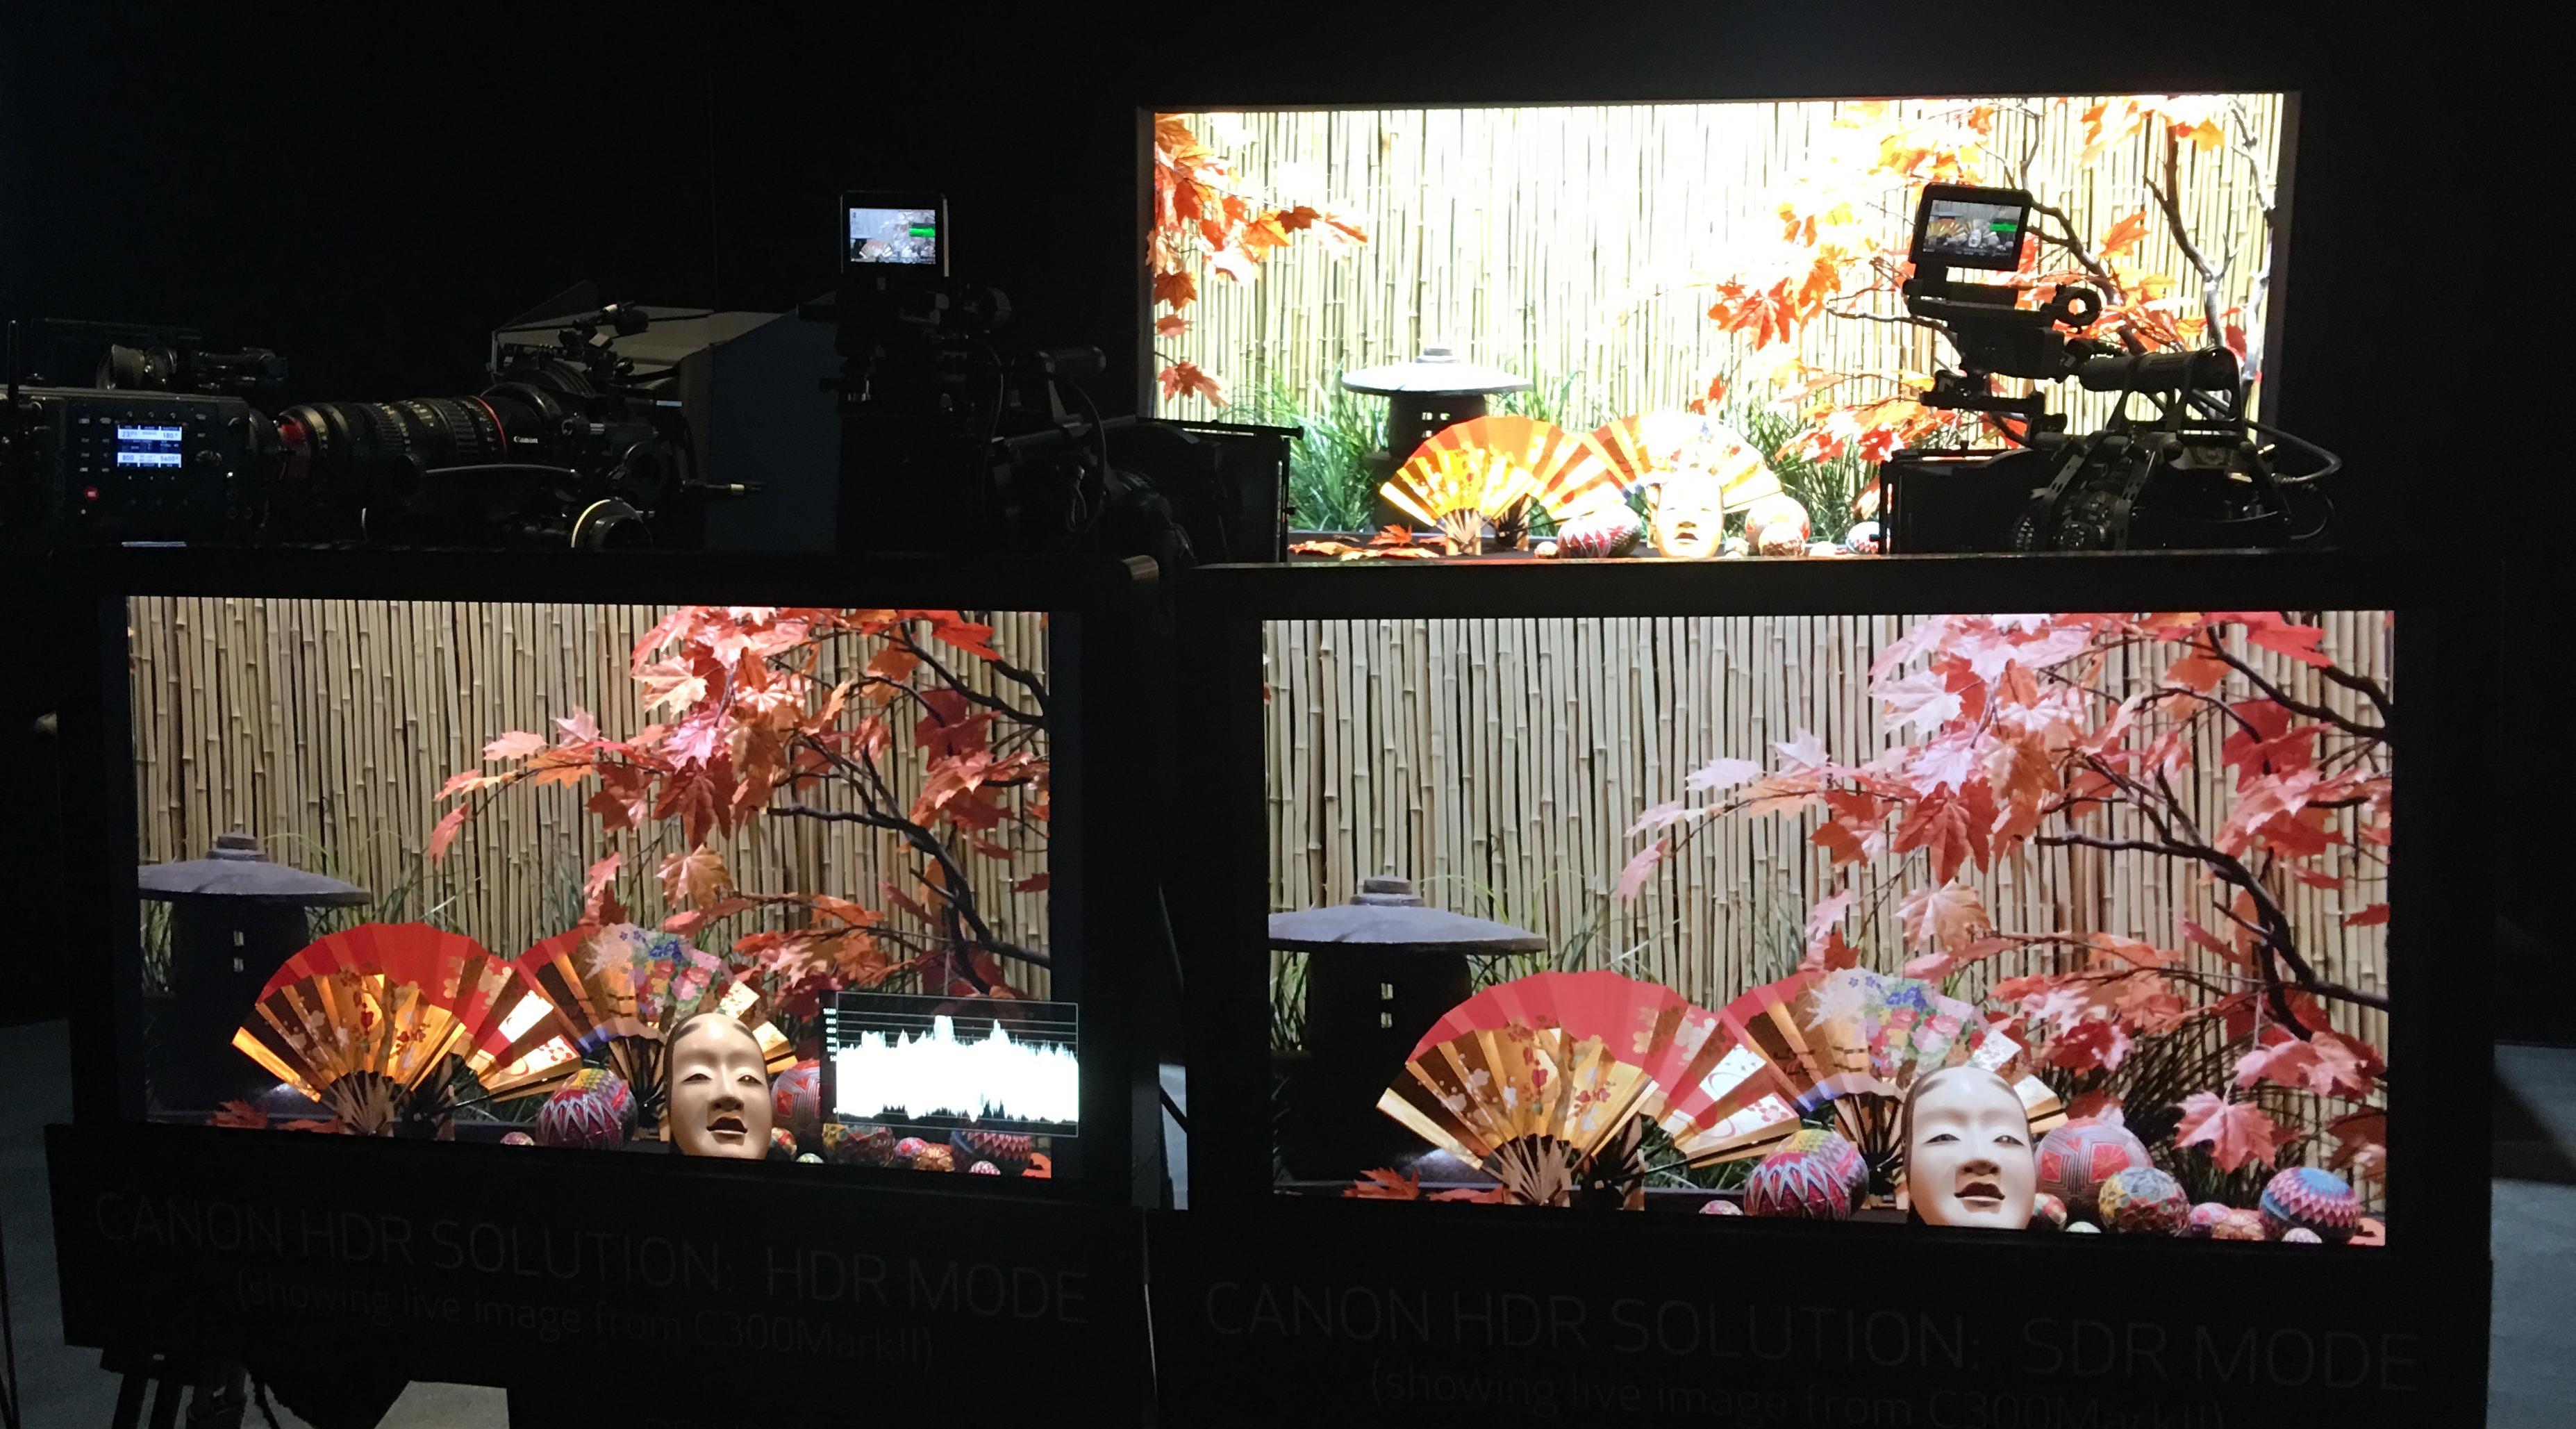 Canon HDR vs SDR Comparison